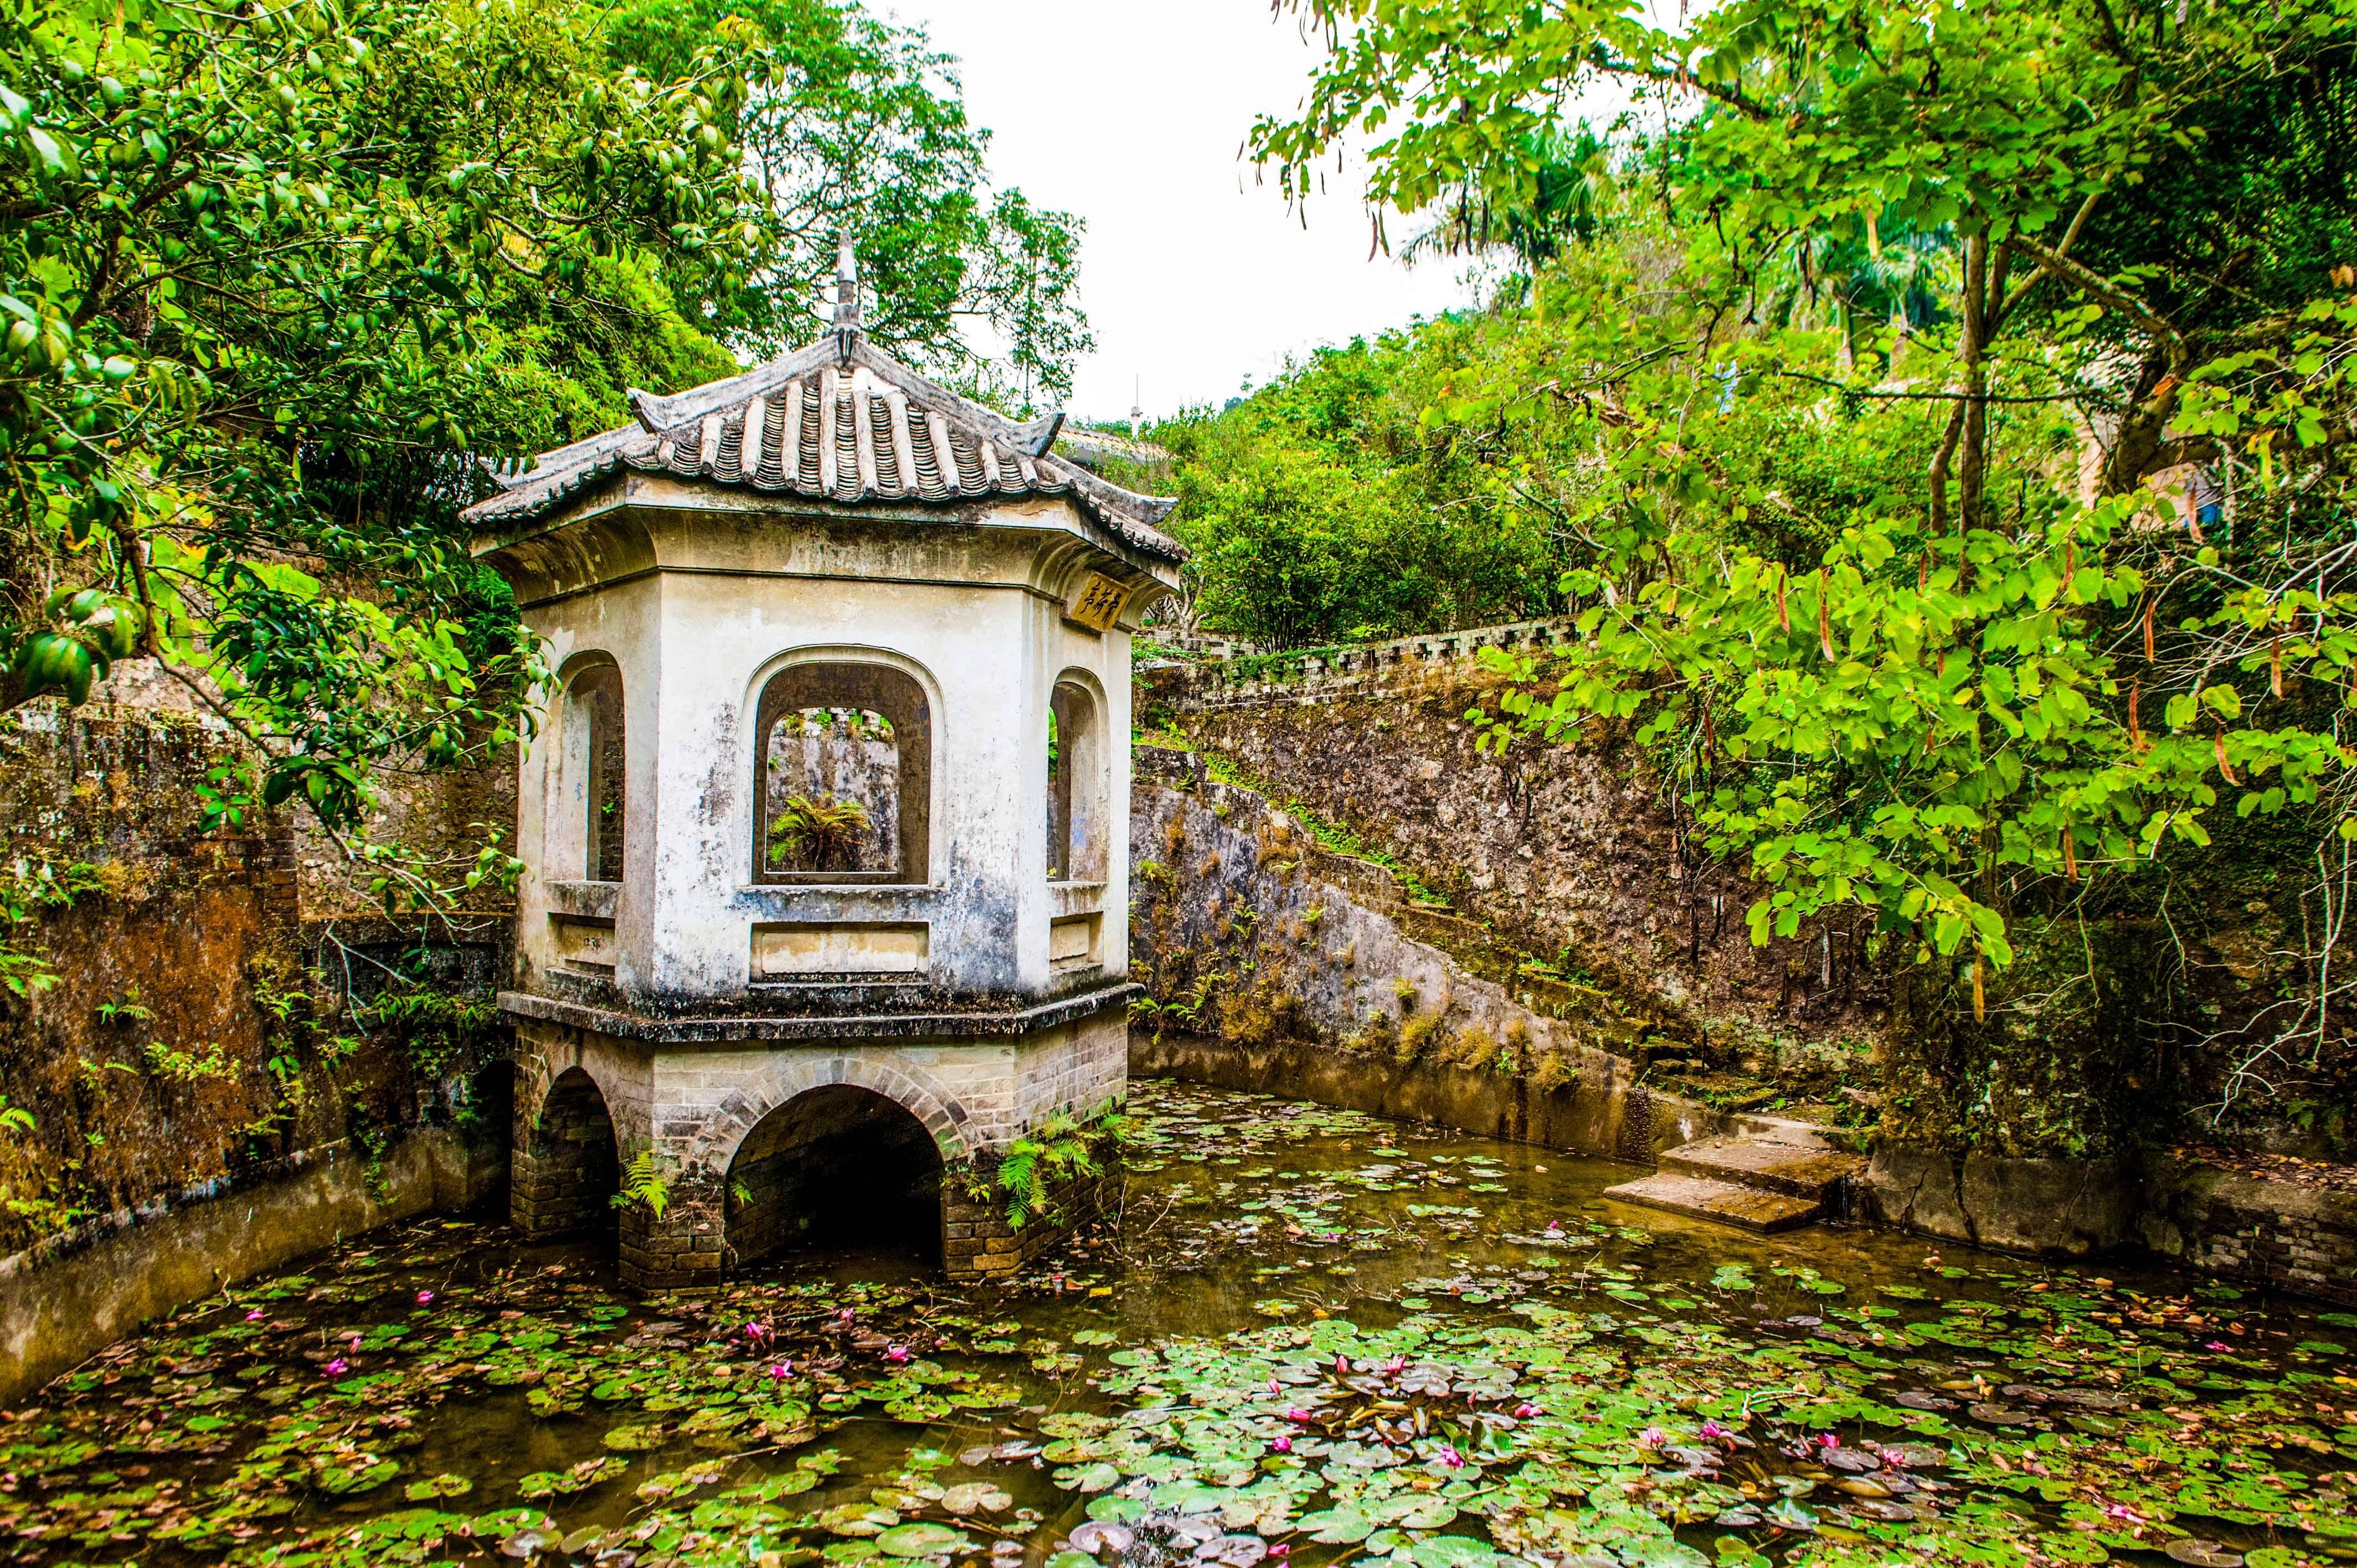 原创              我国最大的私人庄园之一,占地近400亩,风景可媲美江南园林!